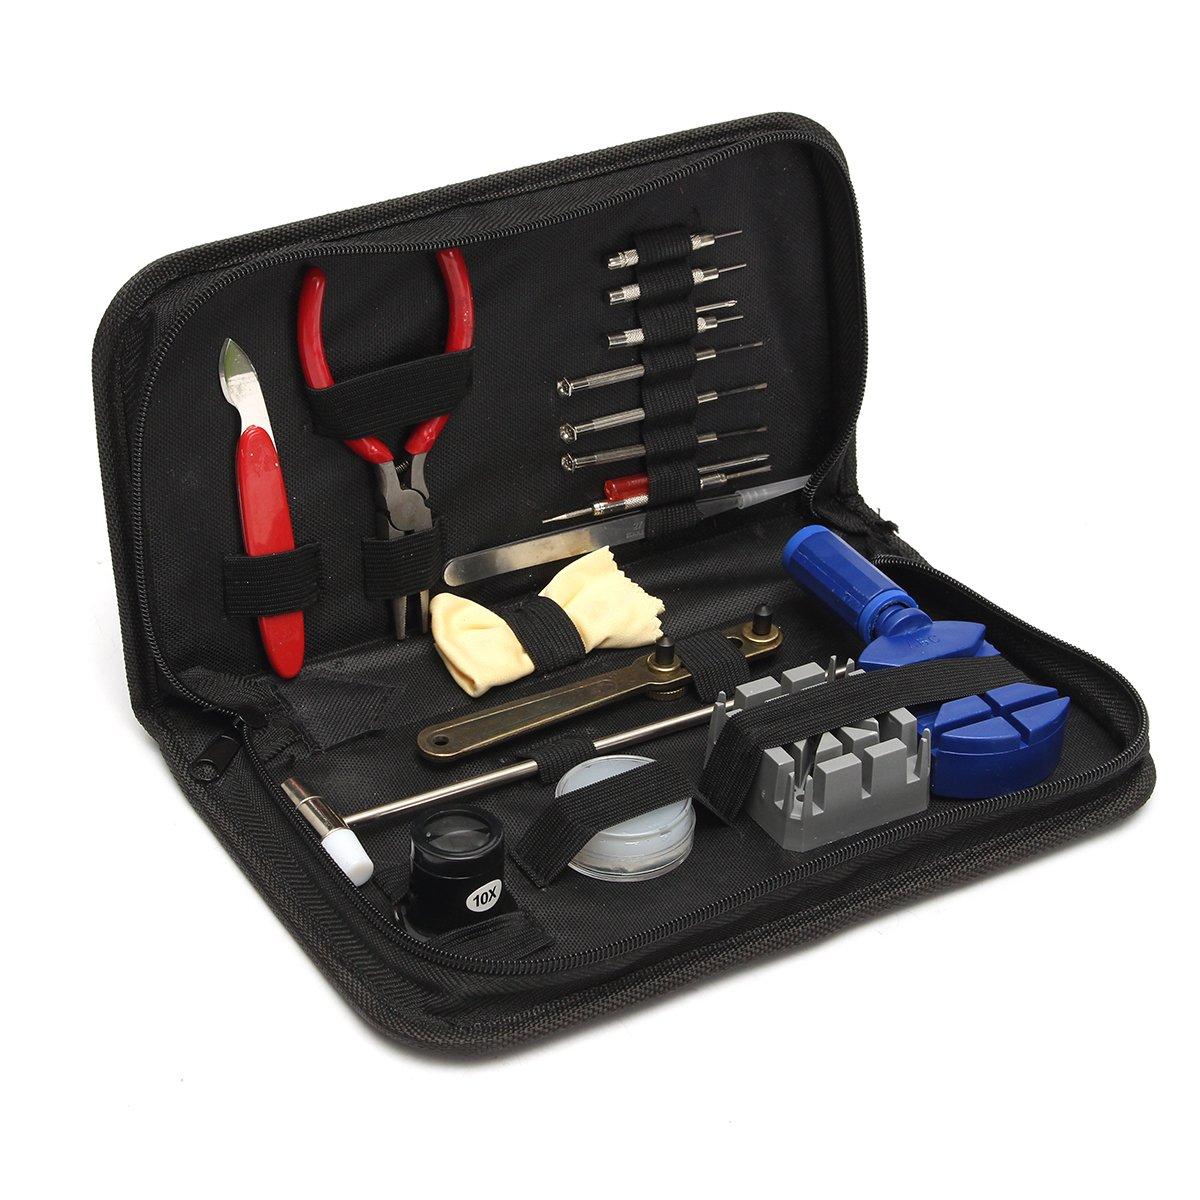 LEXPON-Uhrenwerkzeug-Set-379tlg-Uhrmacherwerkzeug-Uhr-Werkzeug-Tasche-Reparatur-Watch-Tools-Watch-Band-Edelstahl-Feder-Takte-Link-Pins-in-schwarze-Nylontasche